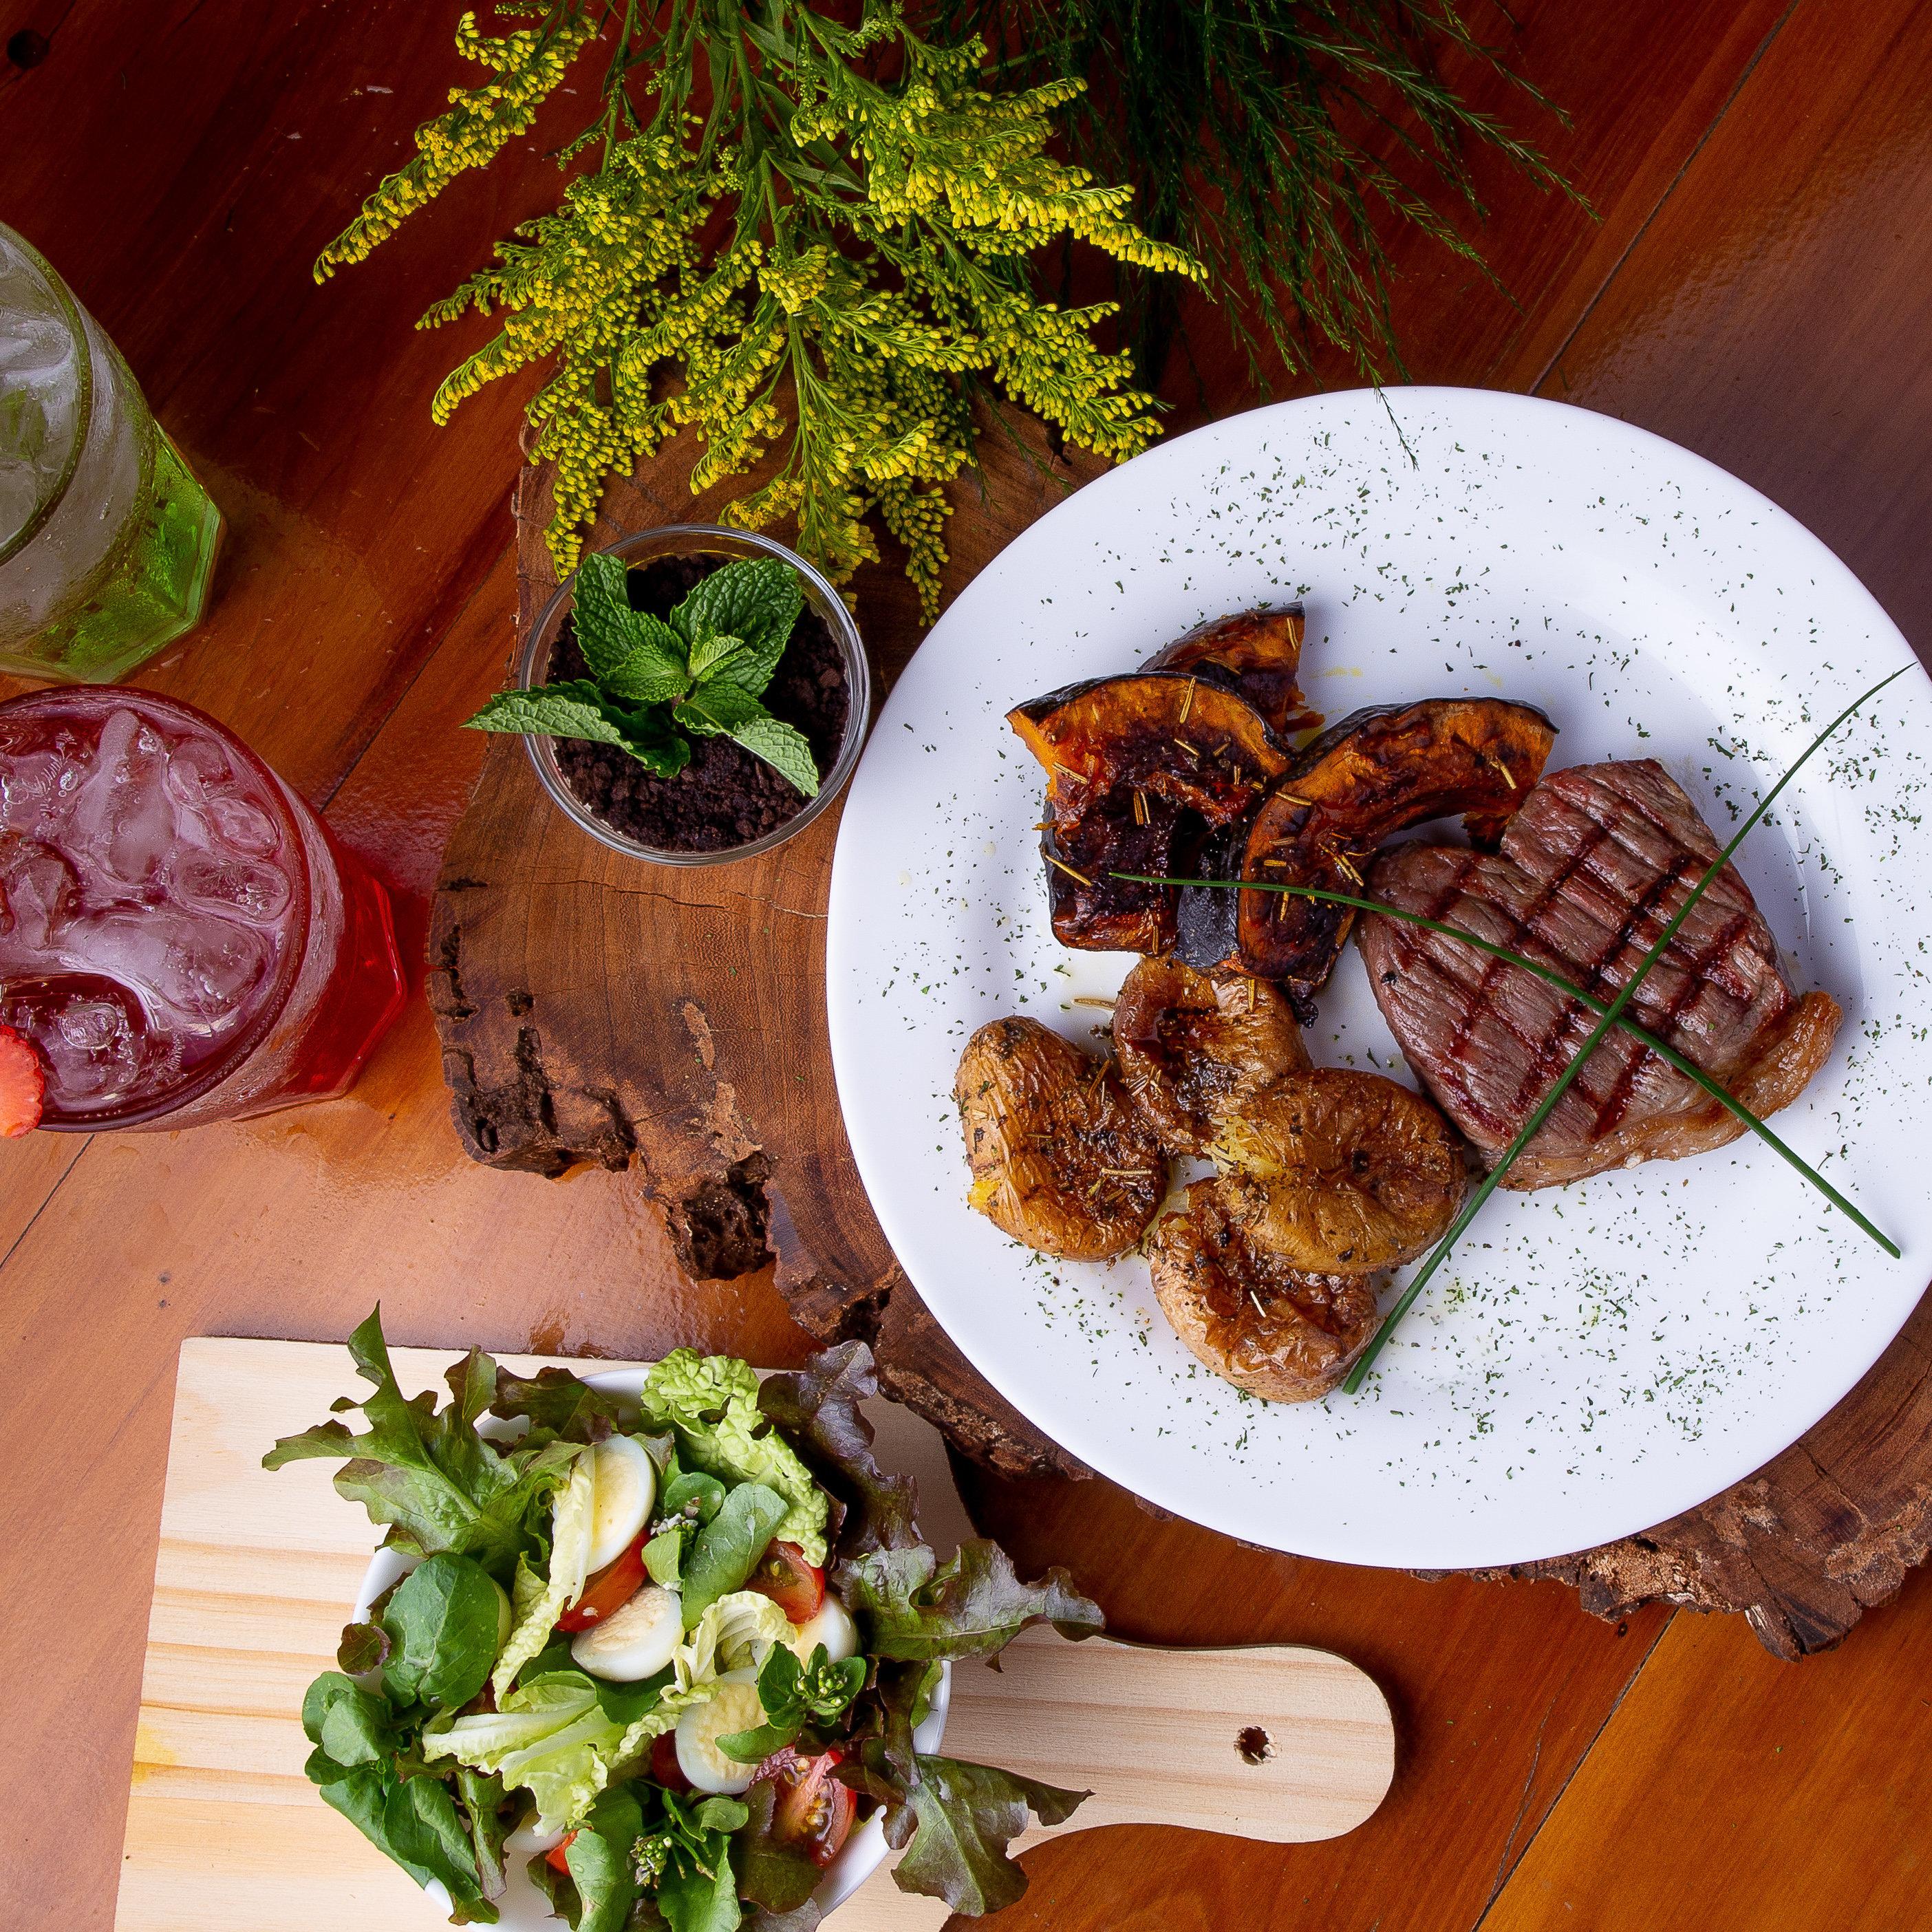 Restaurantes em Águas Claras: Um guia completo da Restaurant Week na região de